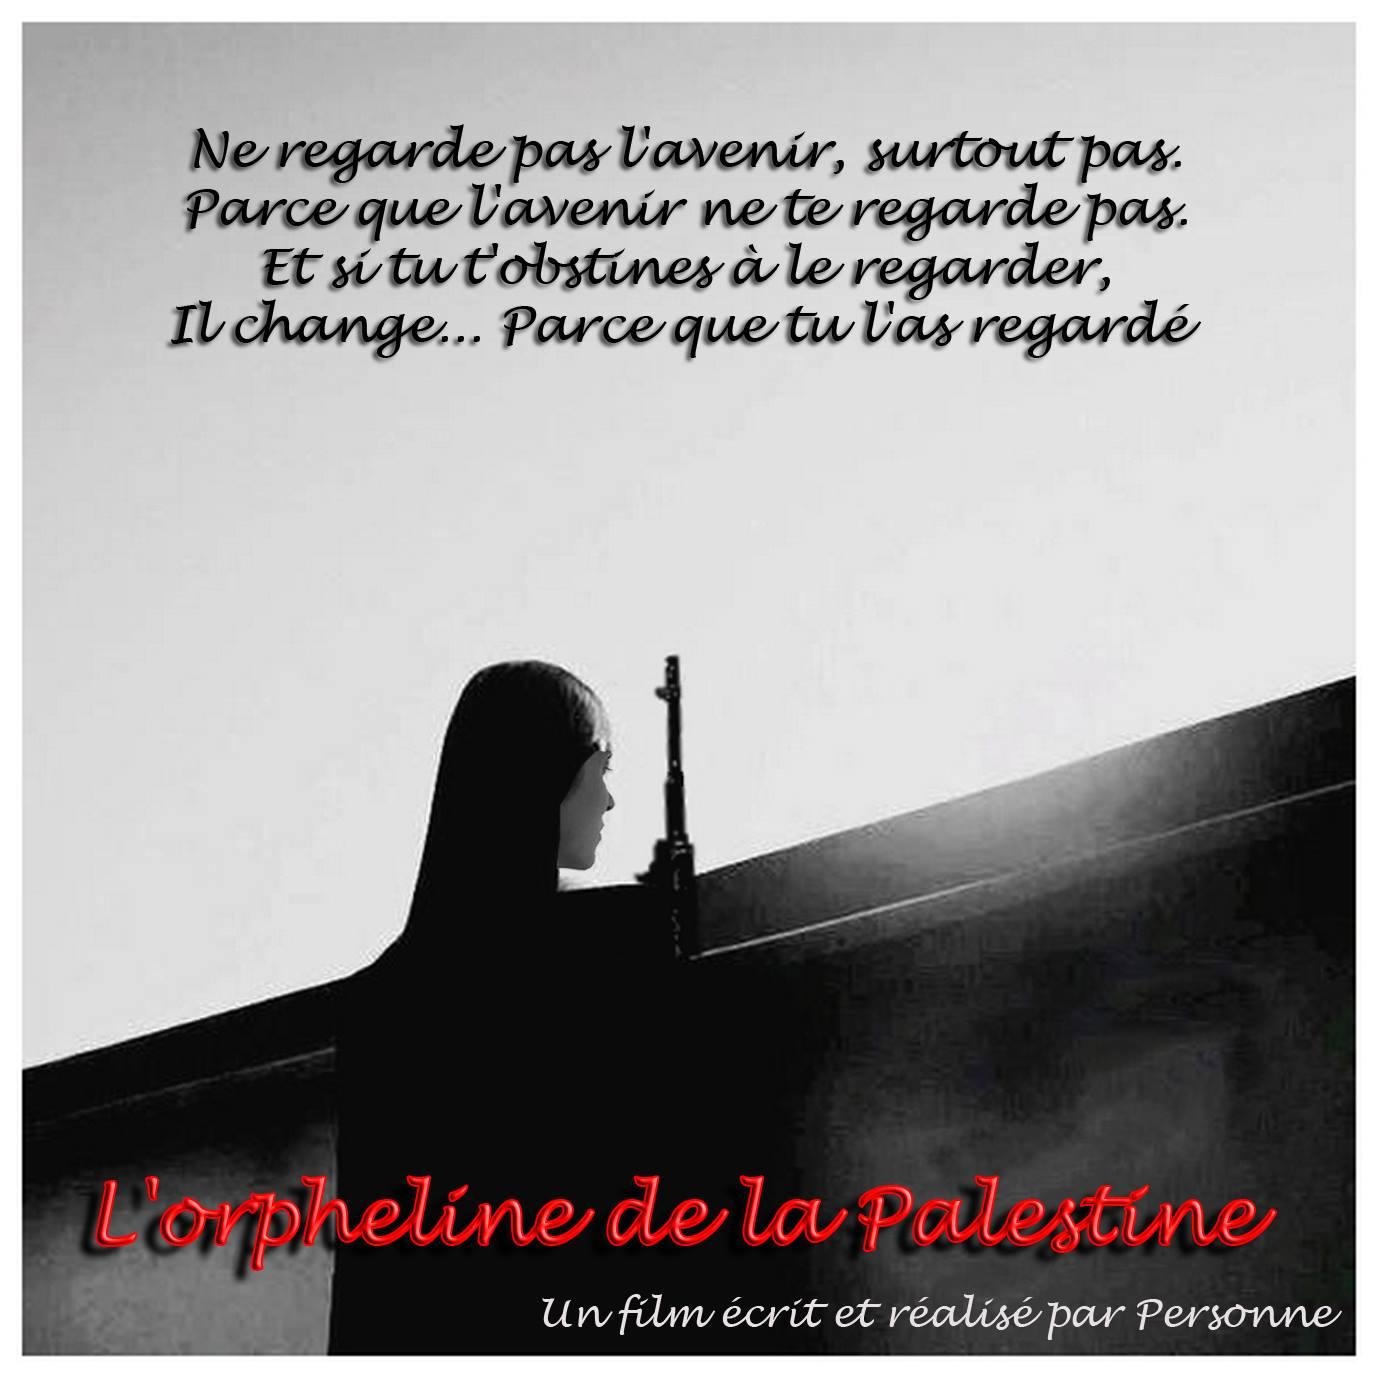 photographie affiche film L'orpheline de la Palestine avec Personne sur rempart et philosophie sur l'avenir changeant en fonction du regard